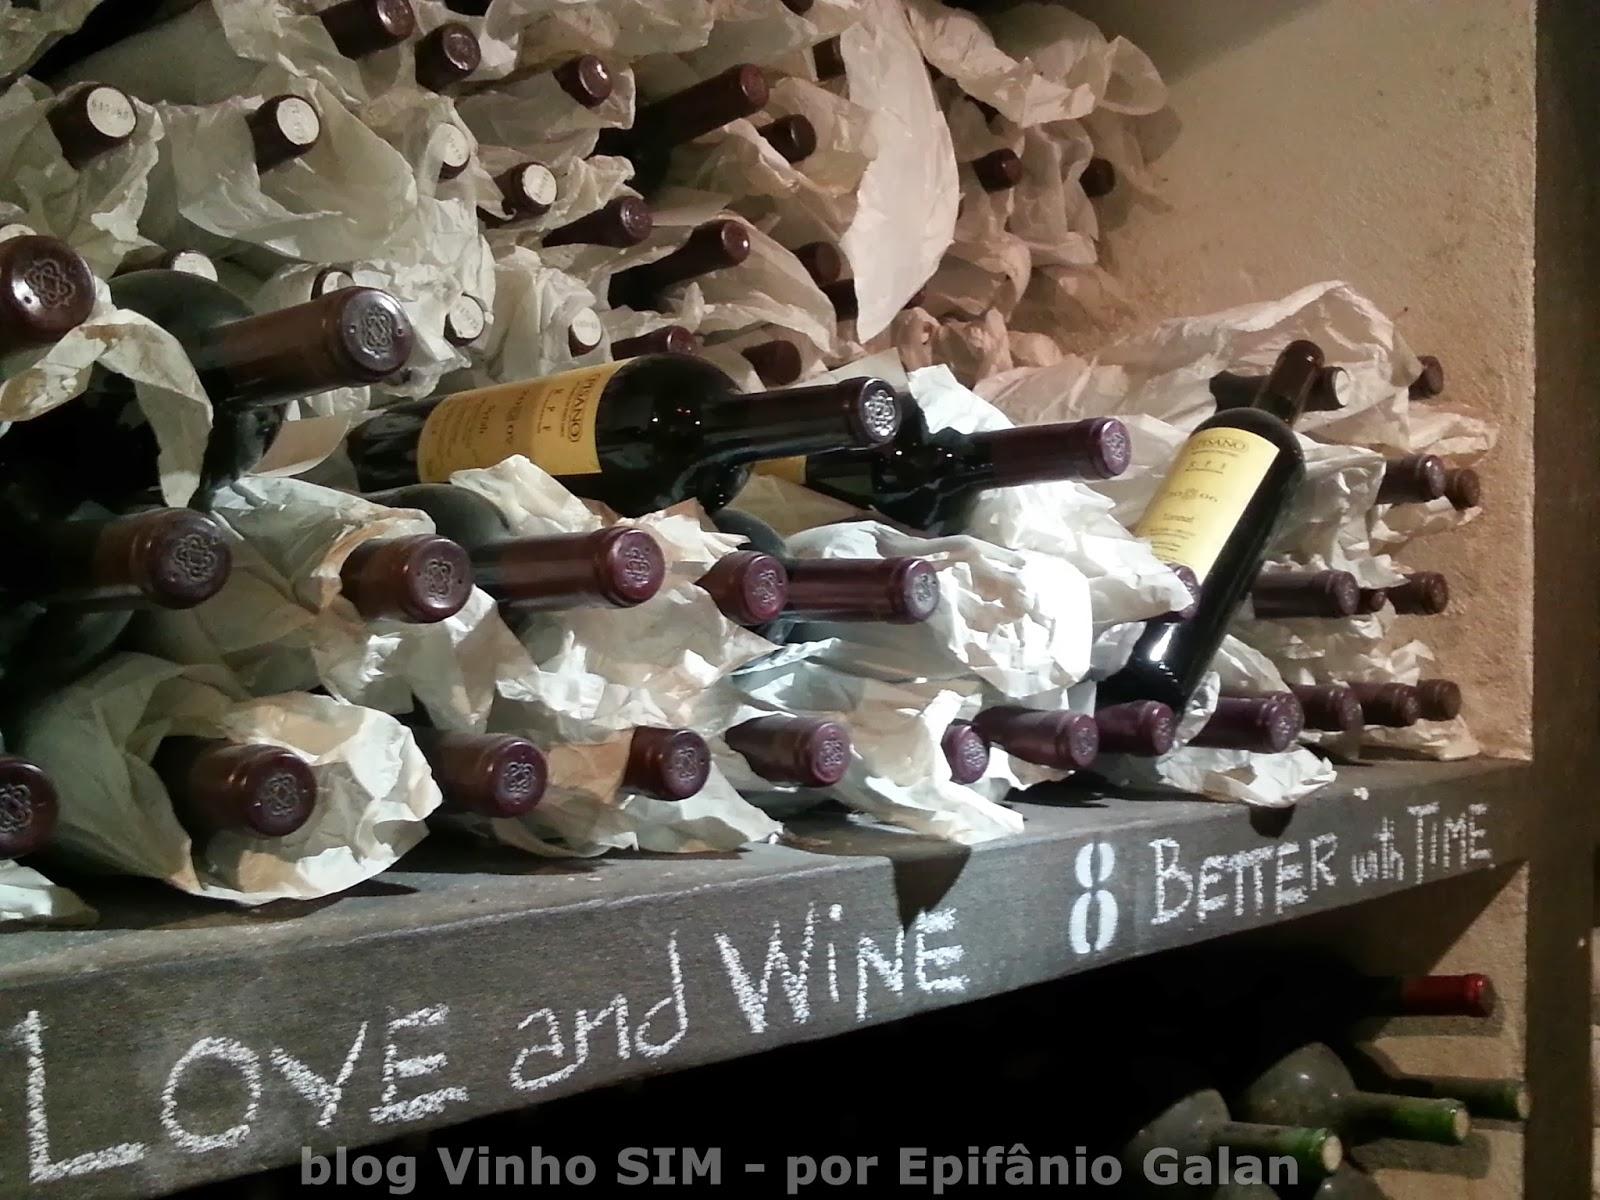 Visita do Blog Vinho SIM